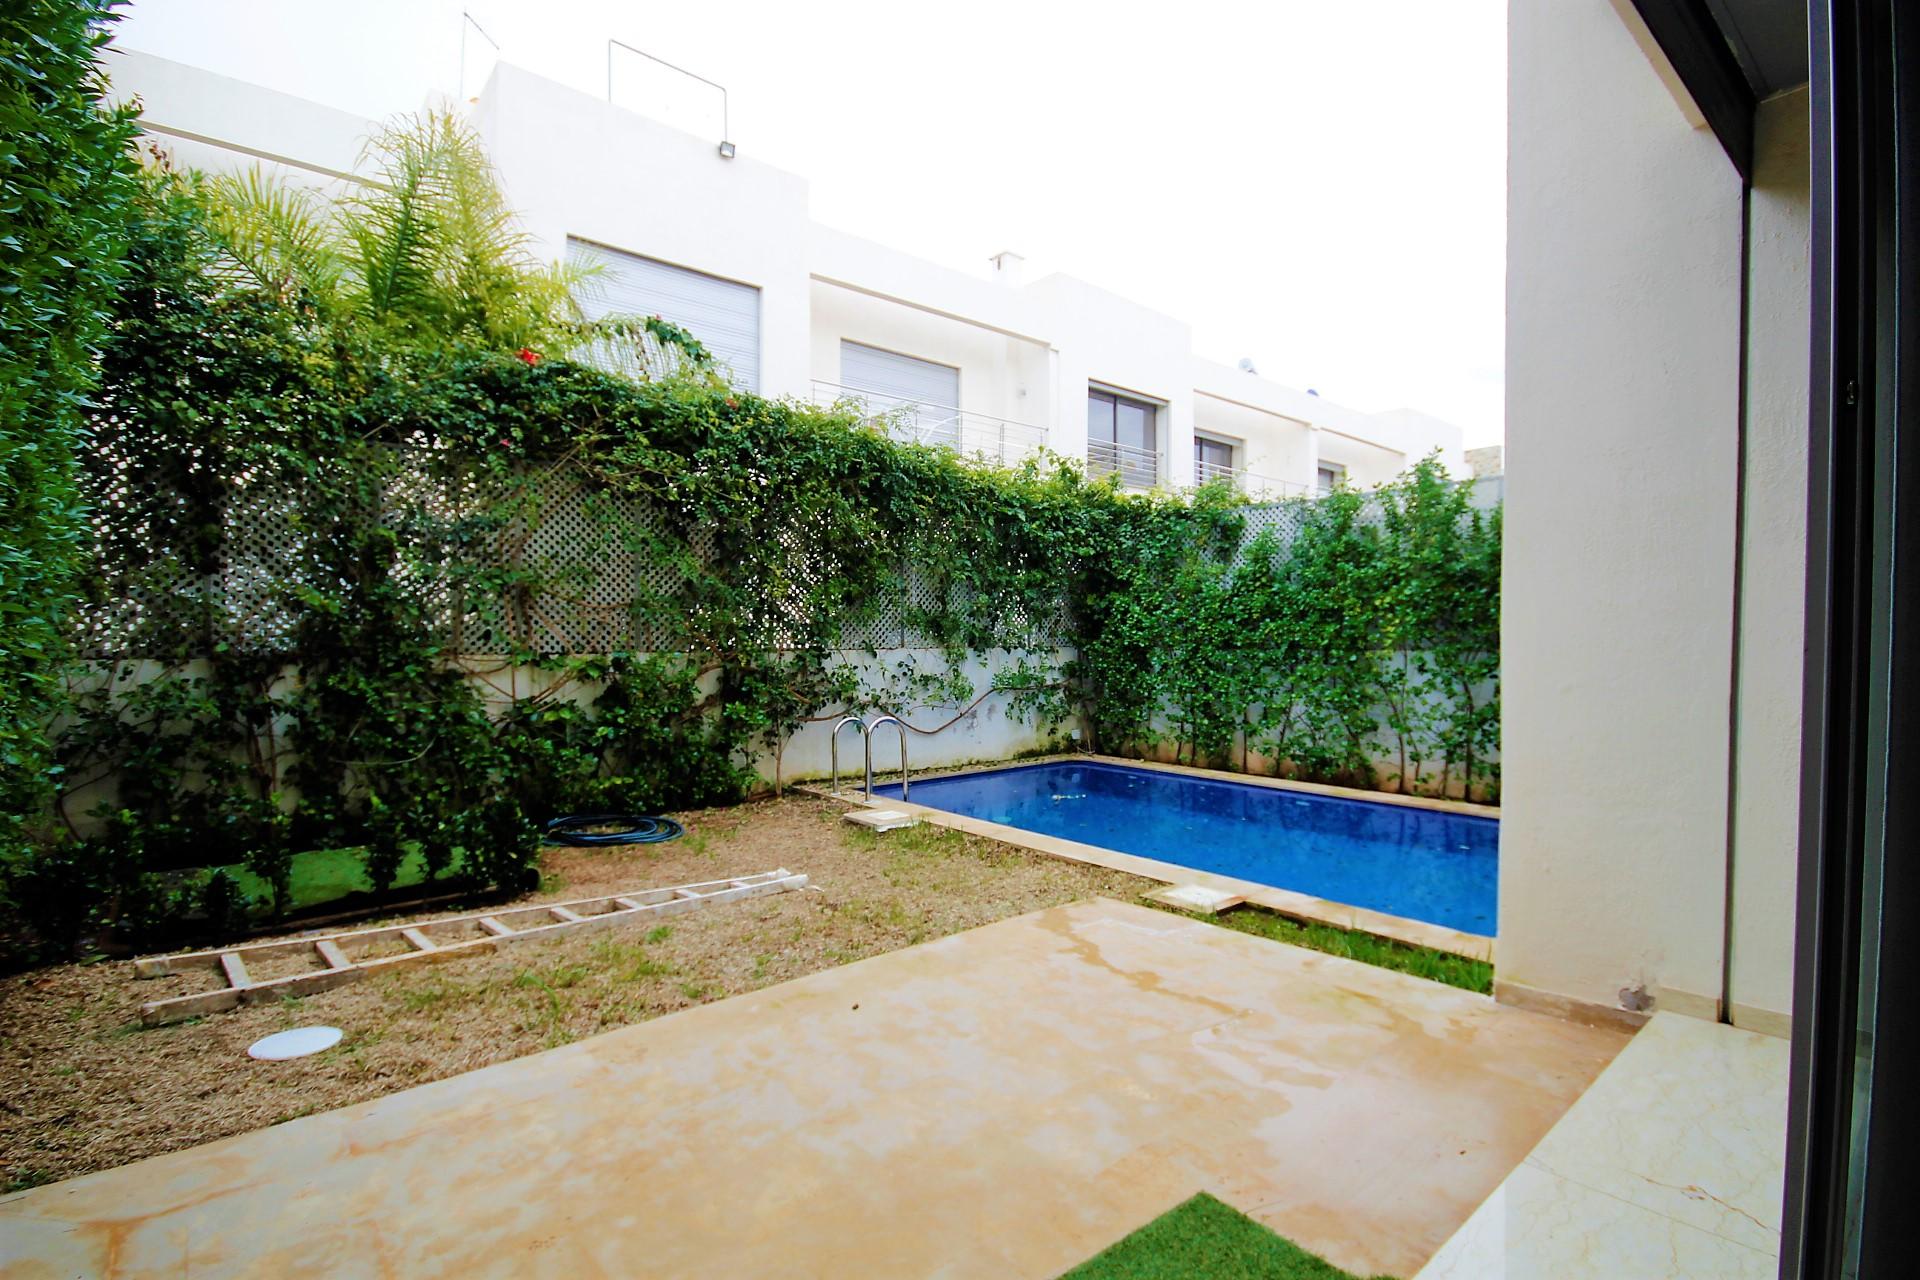 Maroc, CASABLANCA – Dar Bouazza, à  vendre ou à louer villa dans résidence clôturée et sécurisée en plein cœur d'un site naturel